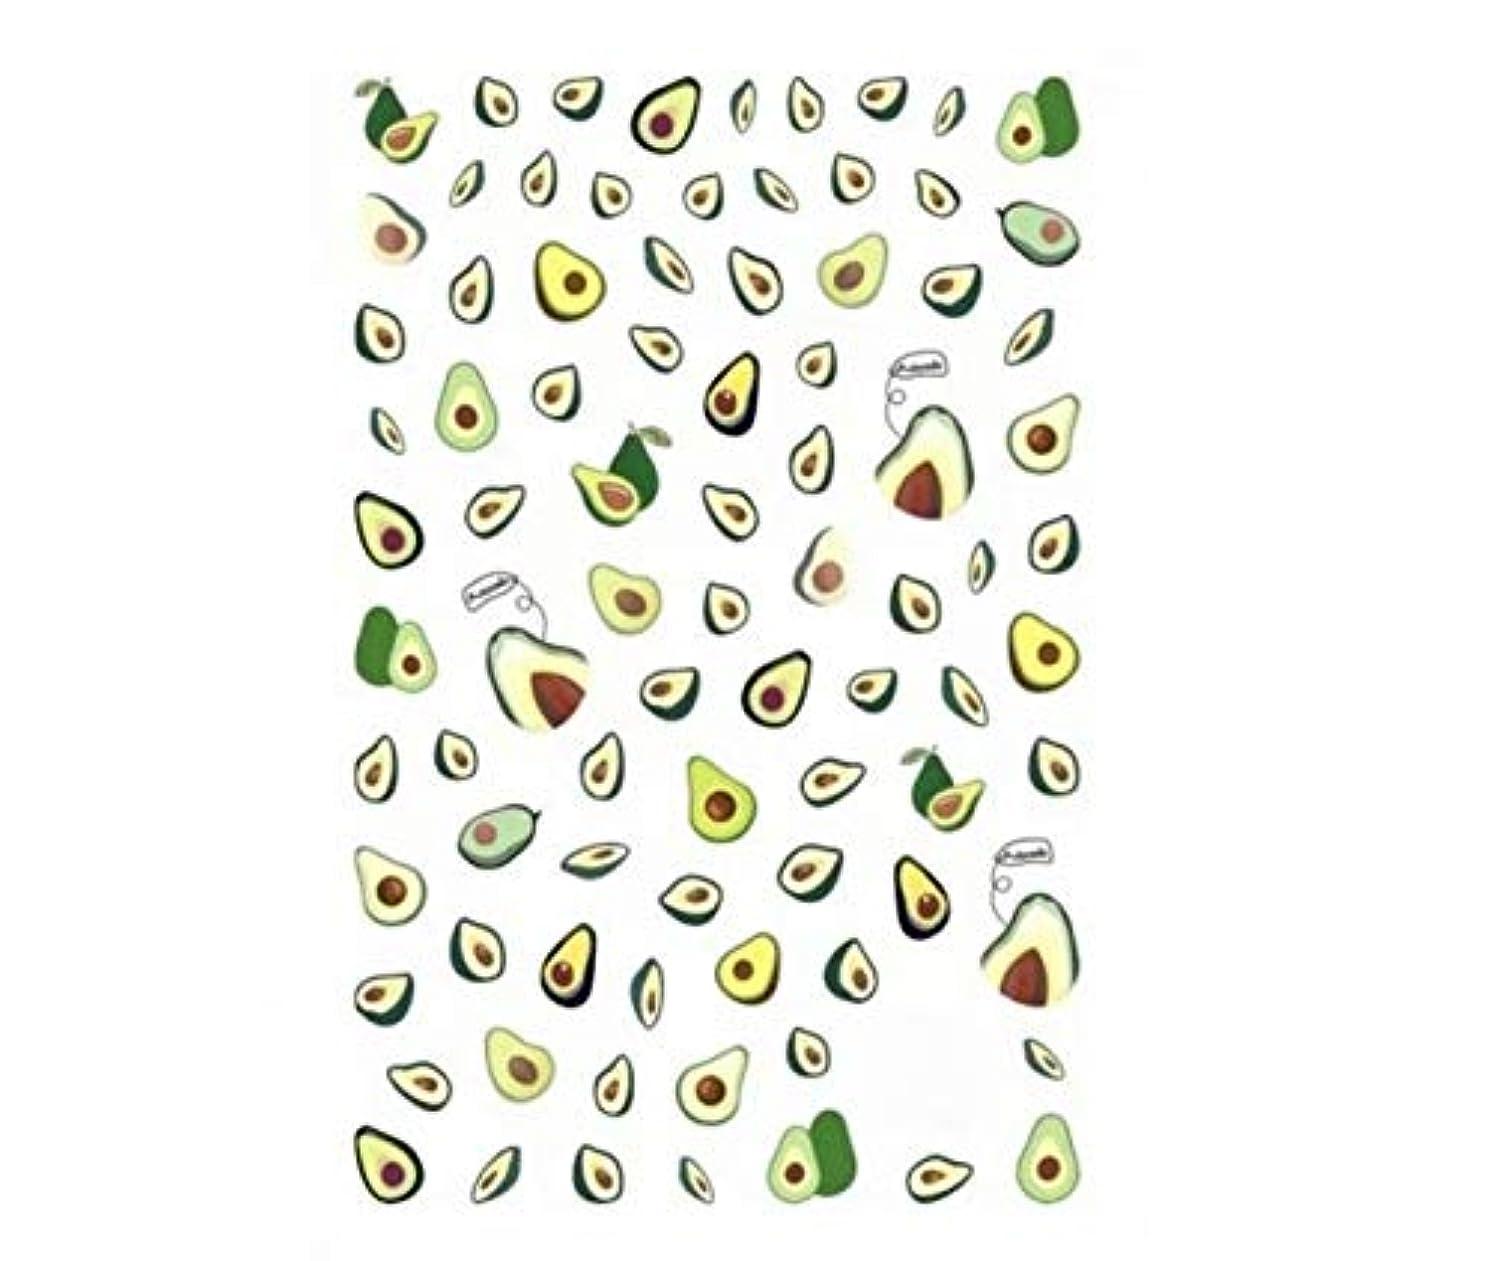 呼びかける画像合理化Tianmey 3Dカラーデザインのヒントネイルアートステッカーデカールマニキュア美しいファッションマニキュアアクセサリーデコレーション (Color : Avocado)